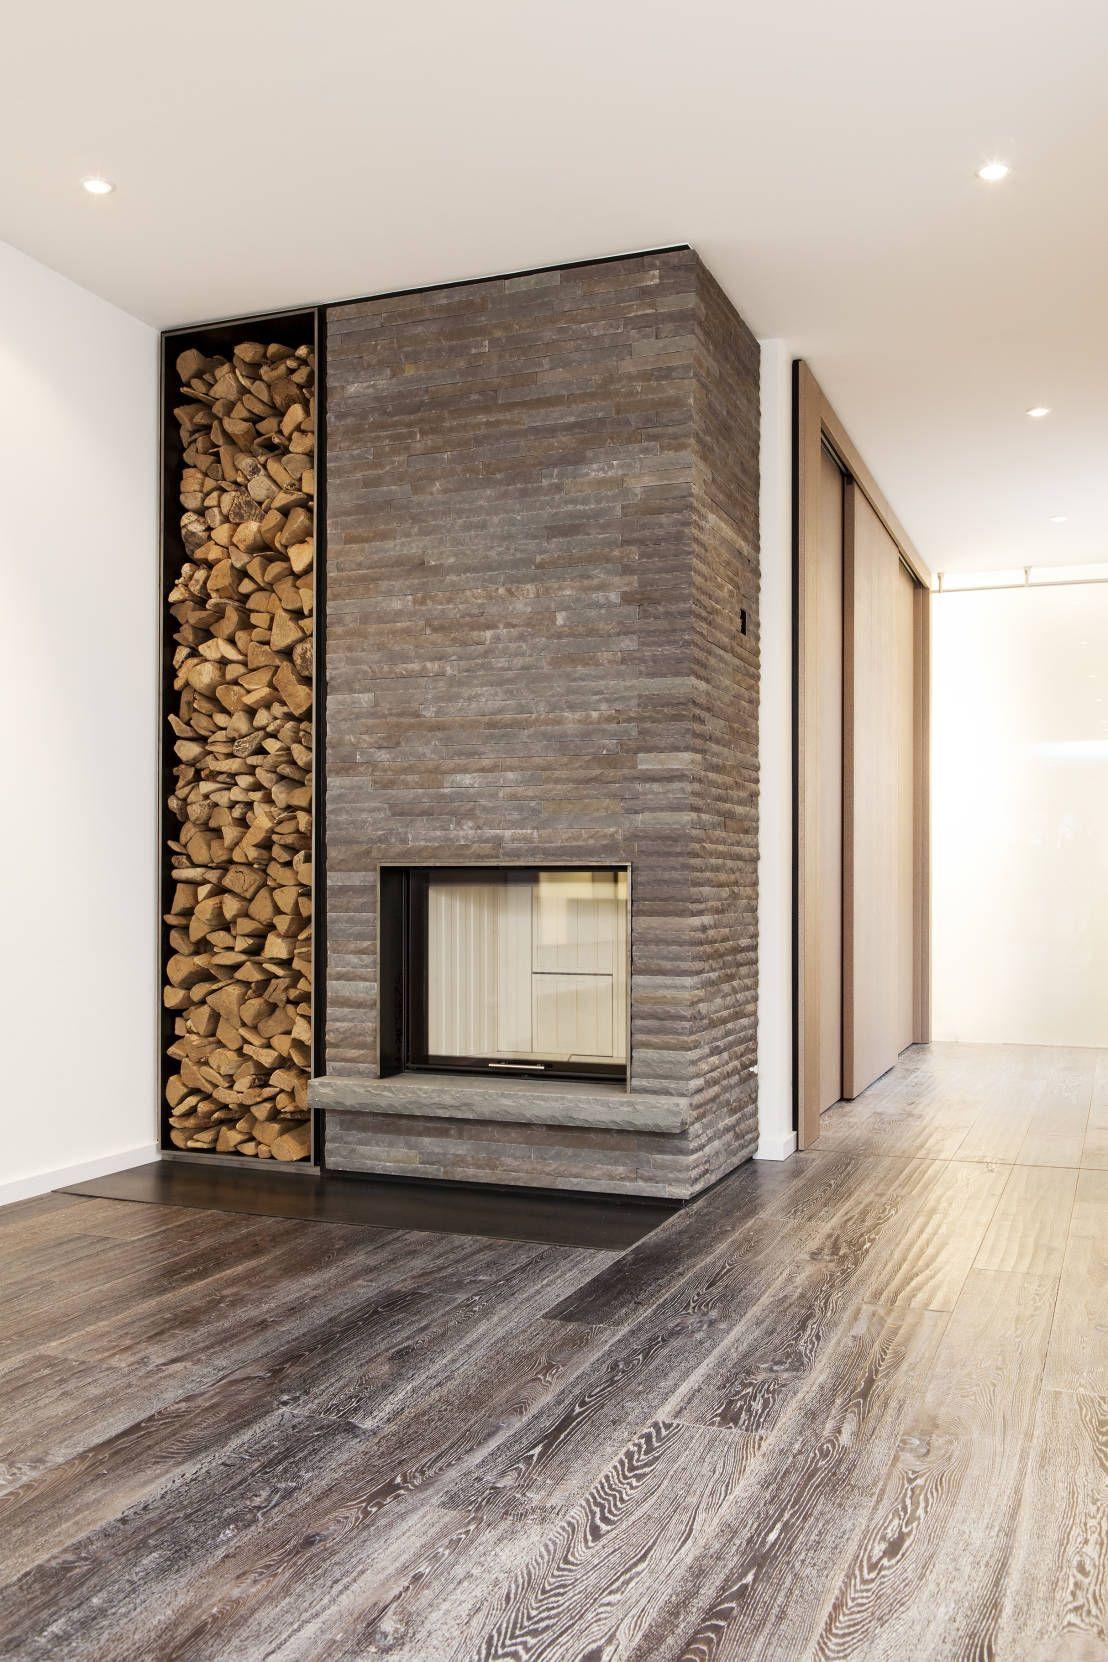 Wohnzimmer mit Kamin  Fireplaces  Wood Stoves  Pinterest  Wohnzimmer Kaminverkleidung und